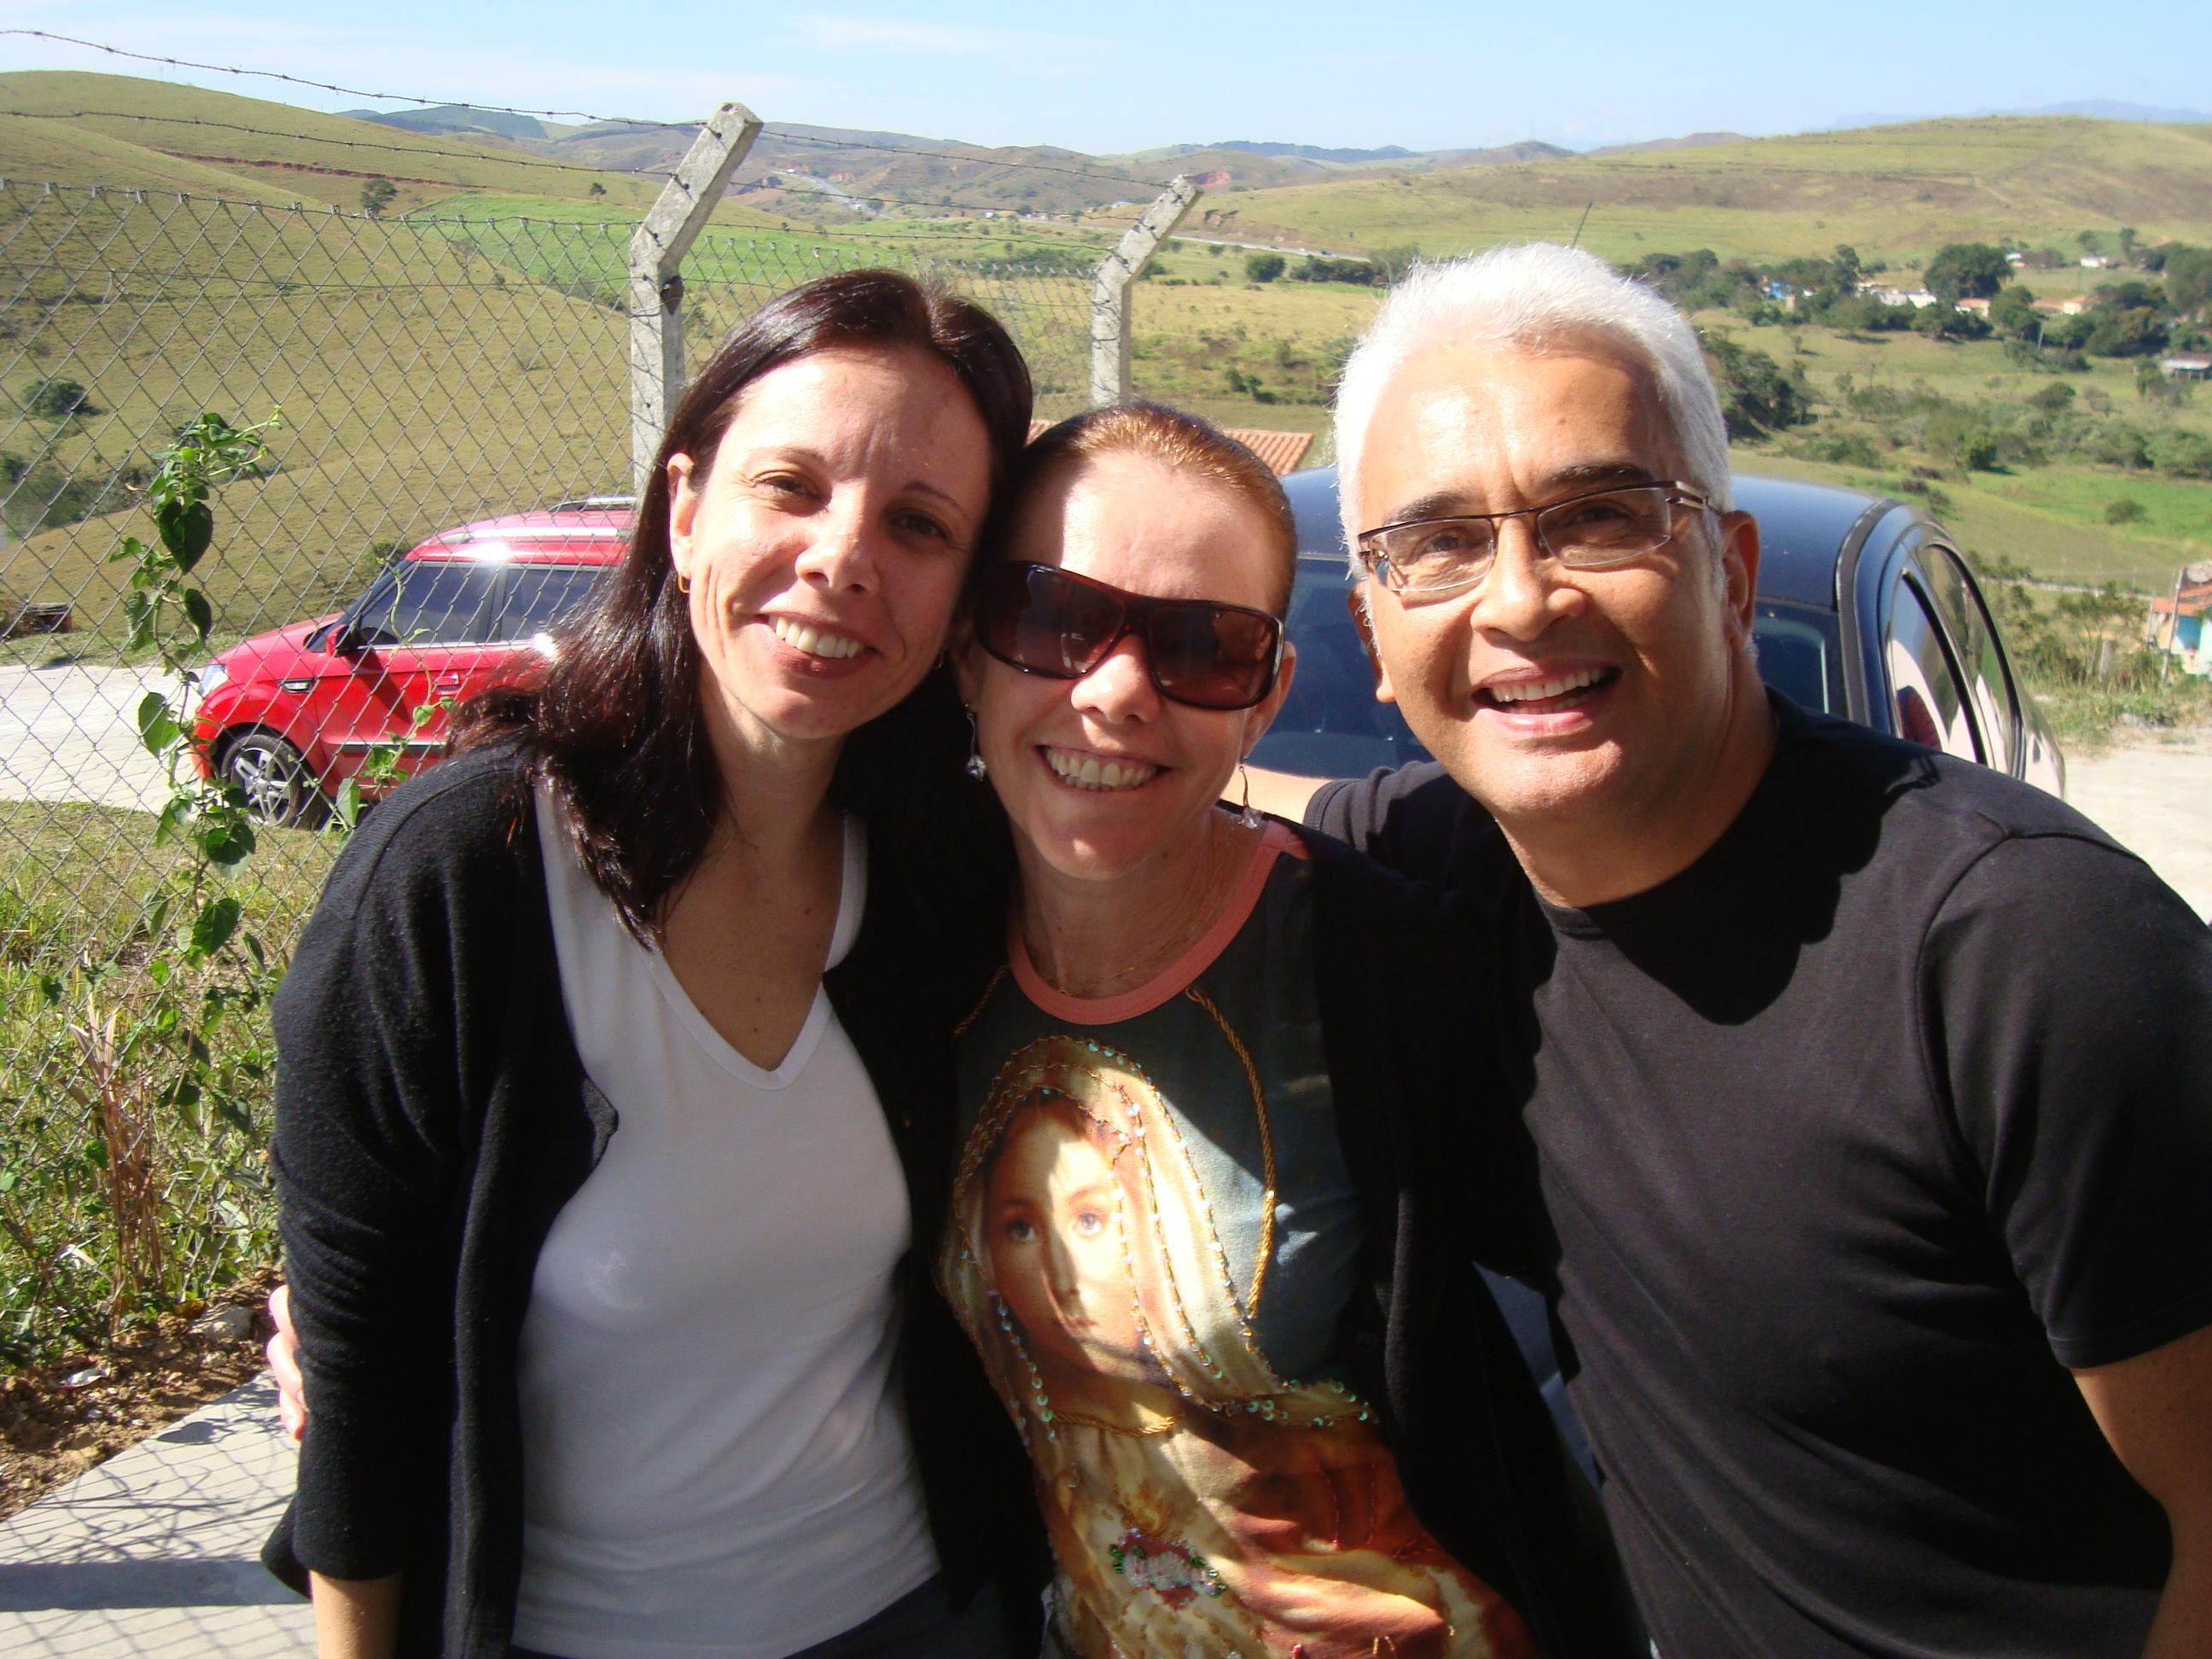 Simone, Márcia Louzada e meu melhor amigo, meu amor Rico!